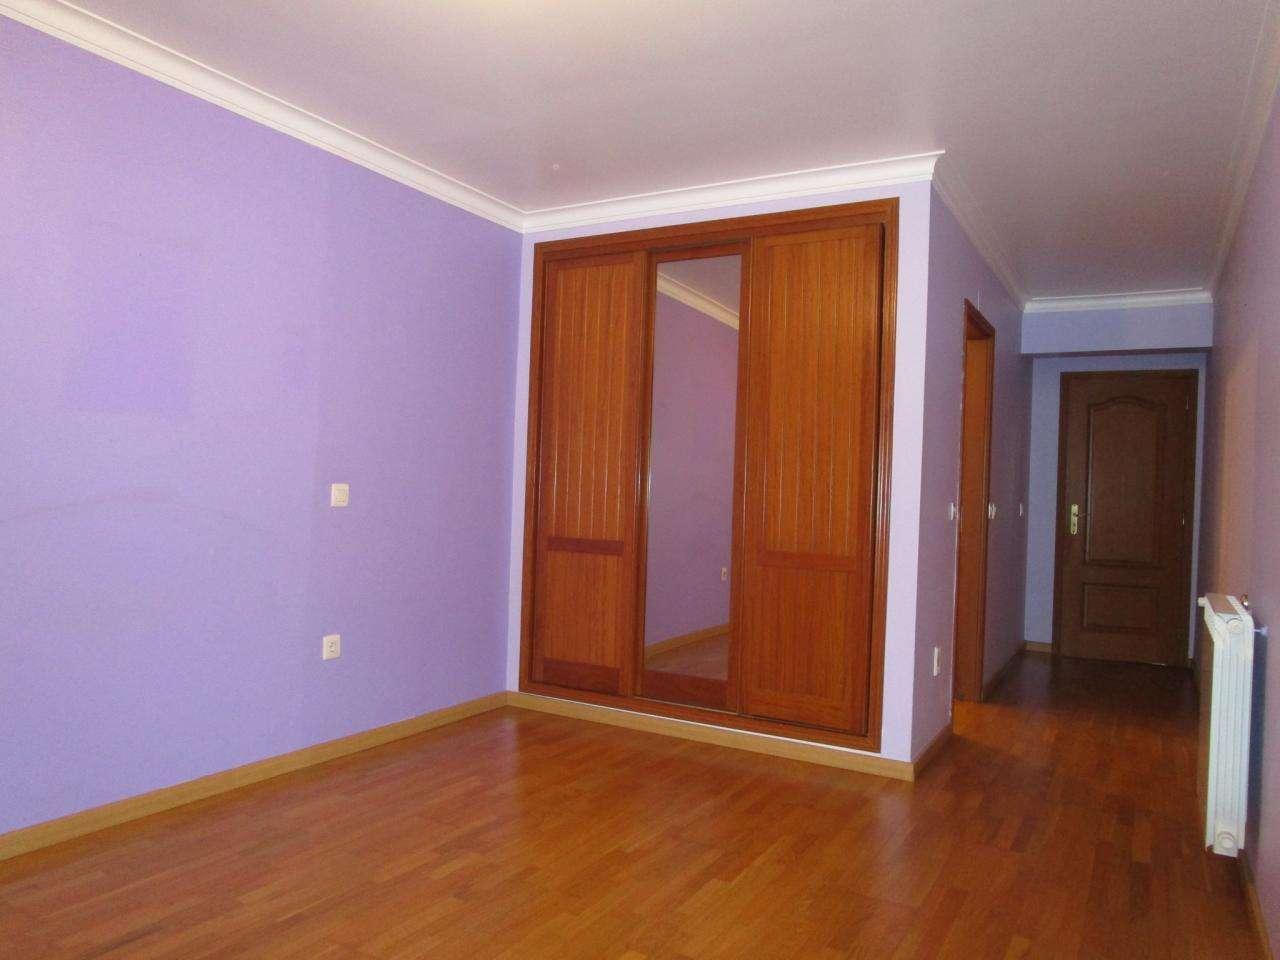 Apartamento para comprar, Barreiro e Lavradio, Barreiro, Setúbal - Foto 13